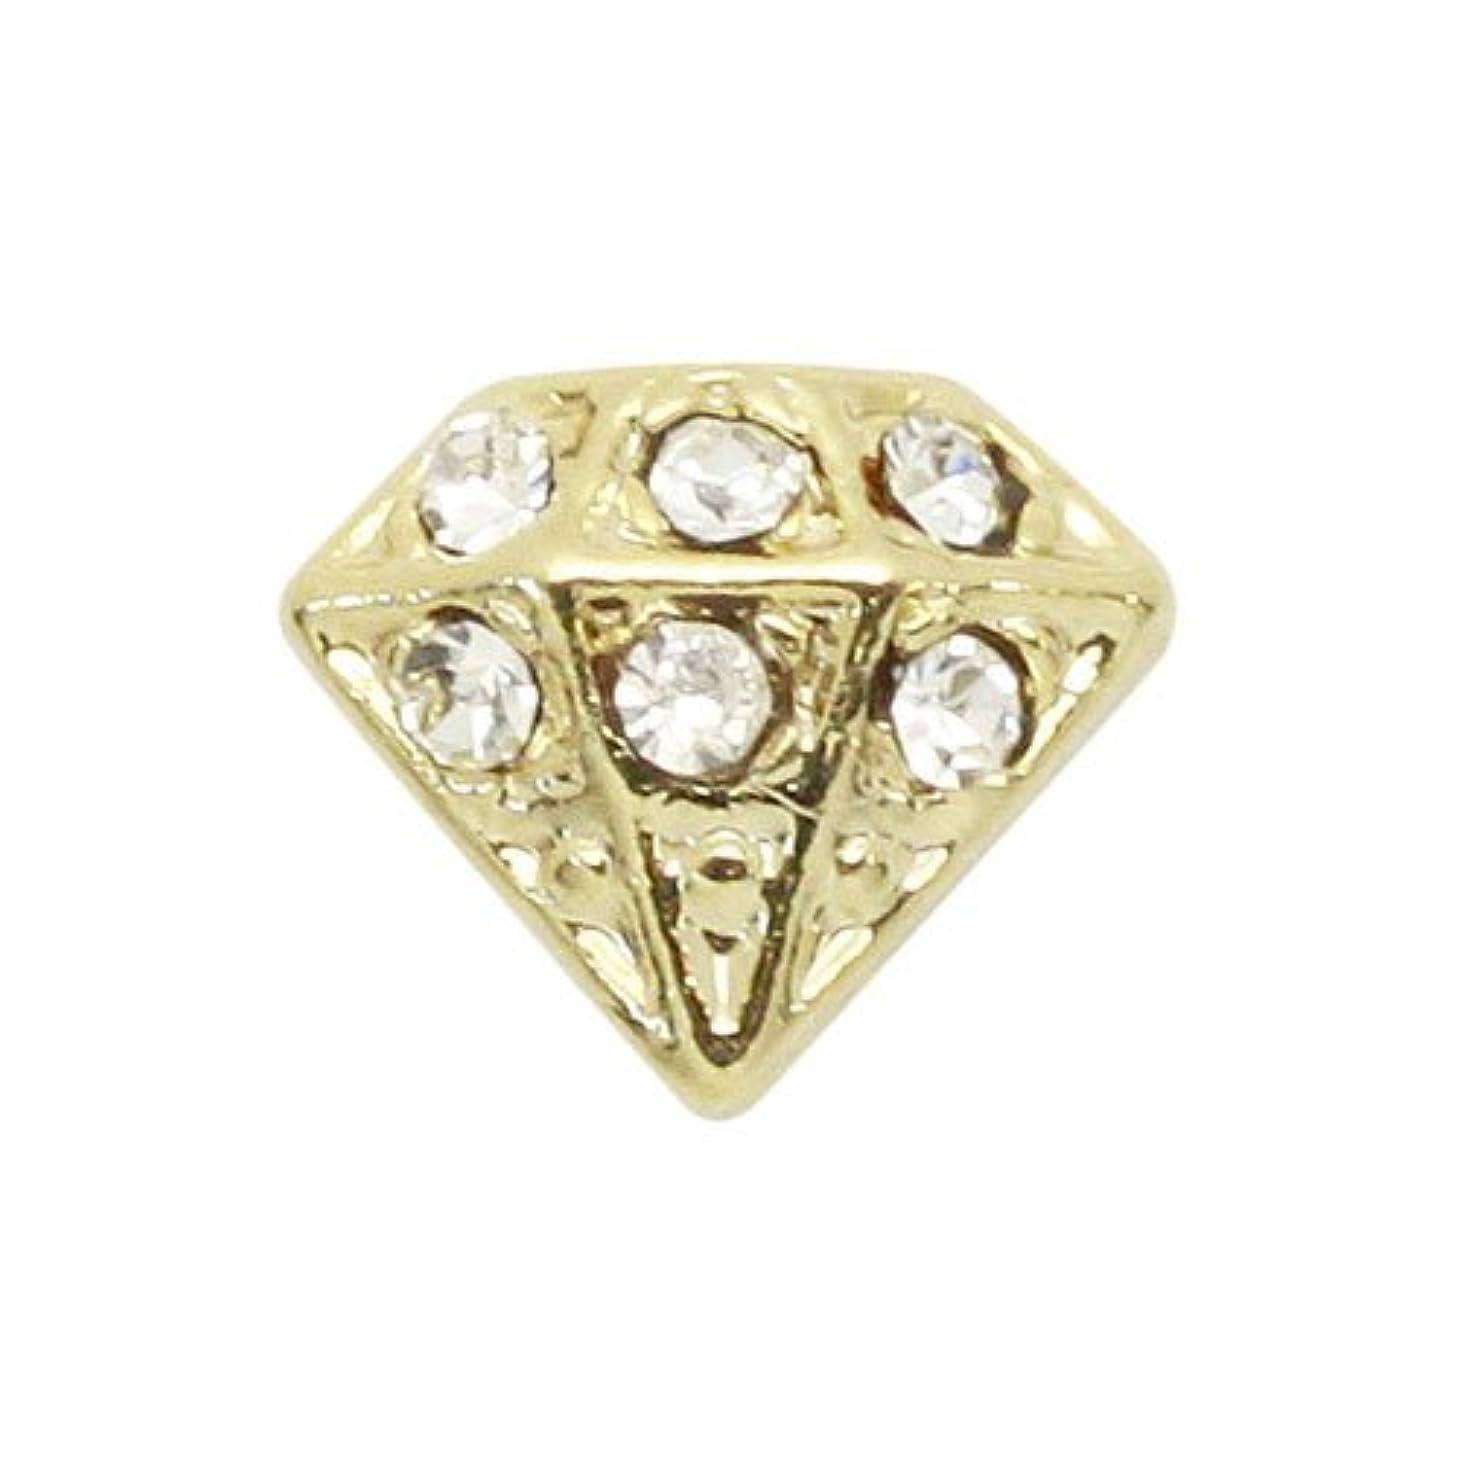 摘むストライプ真っ逆さまエムプティ ネイルパーツ ダイアモンド A191 1個